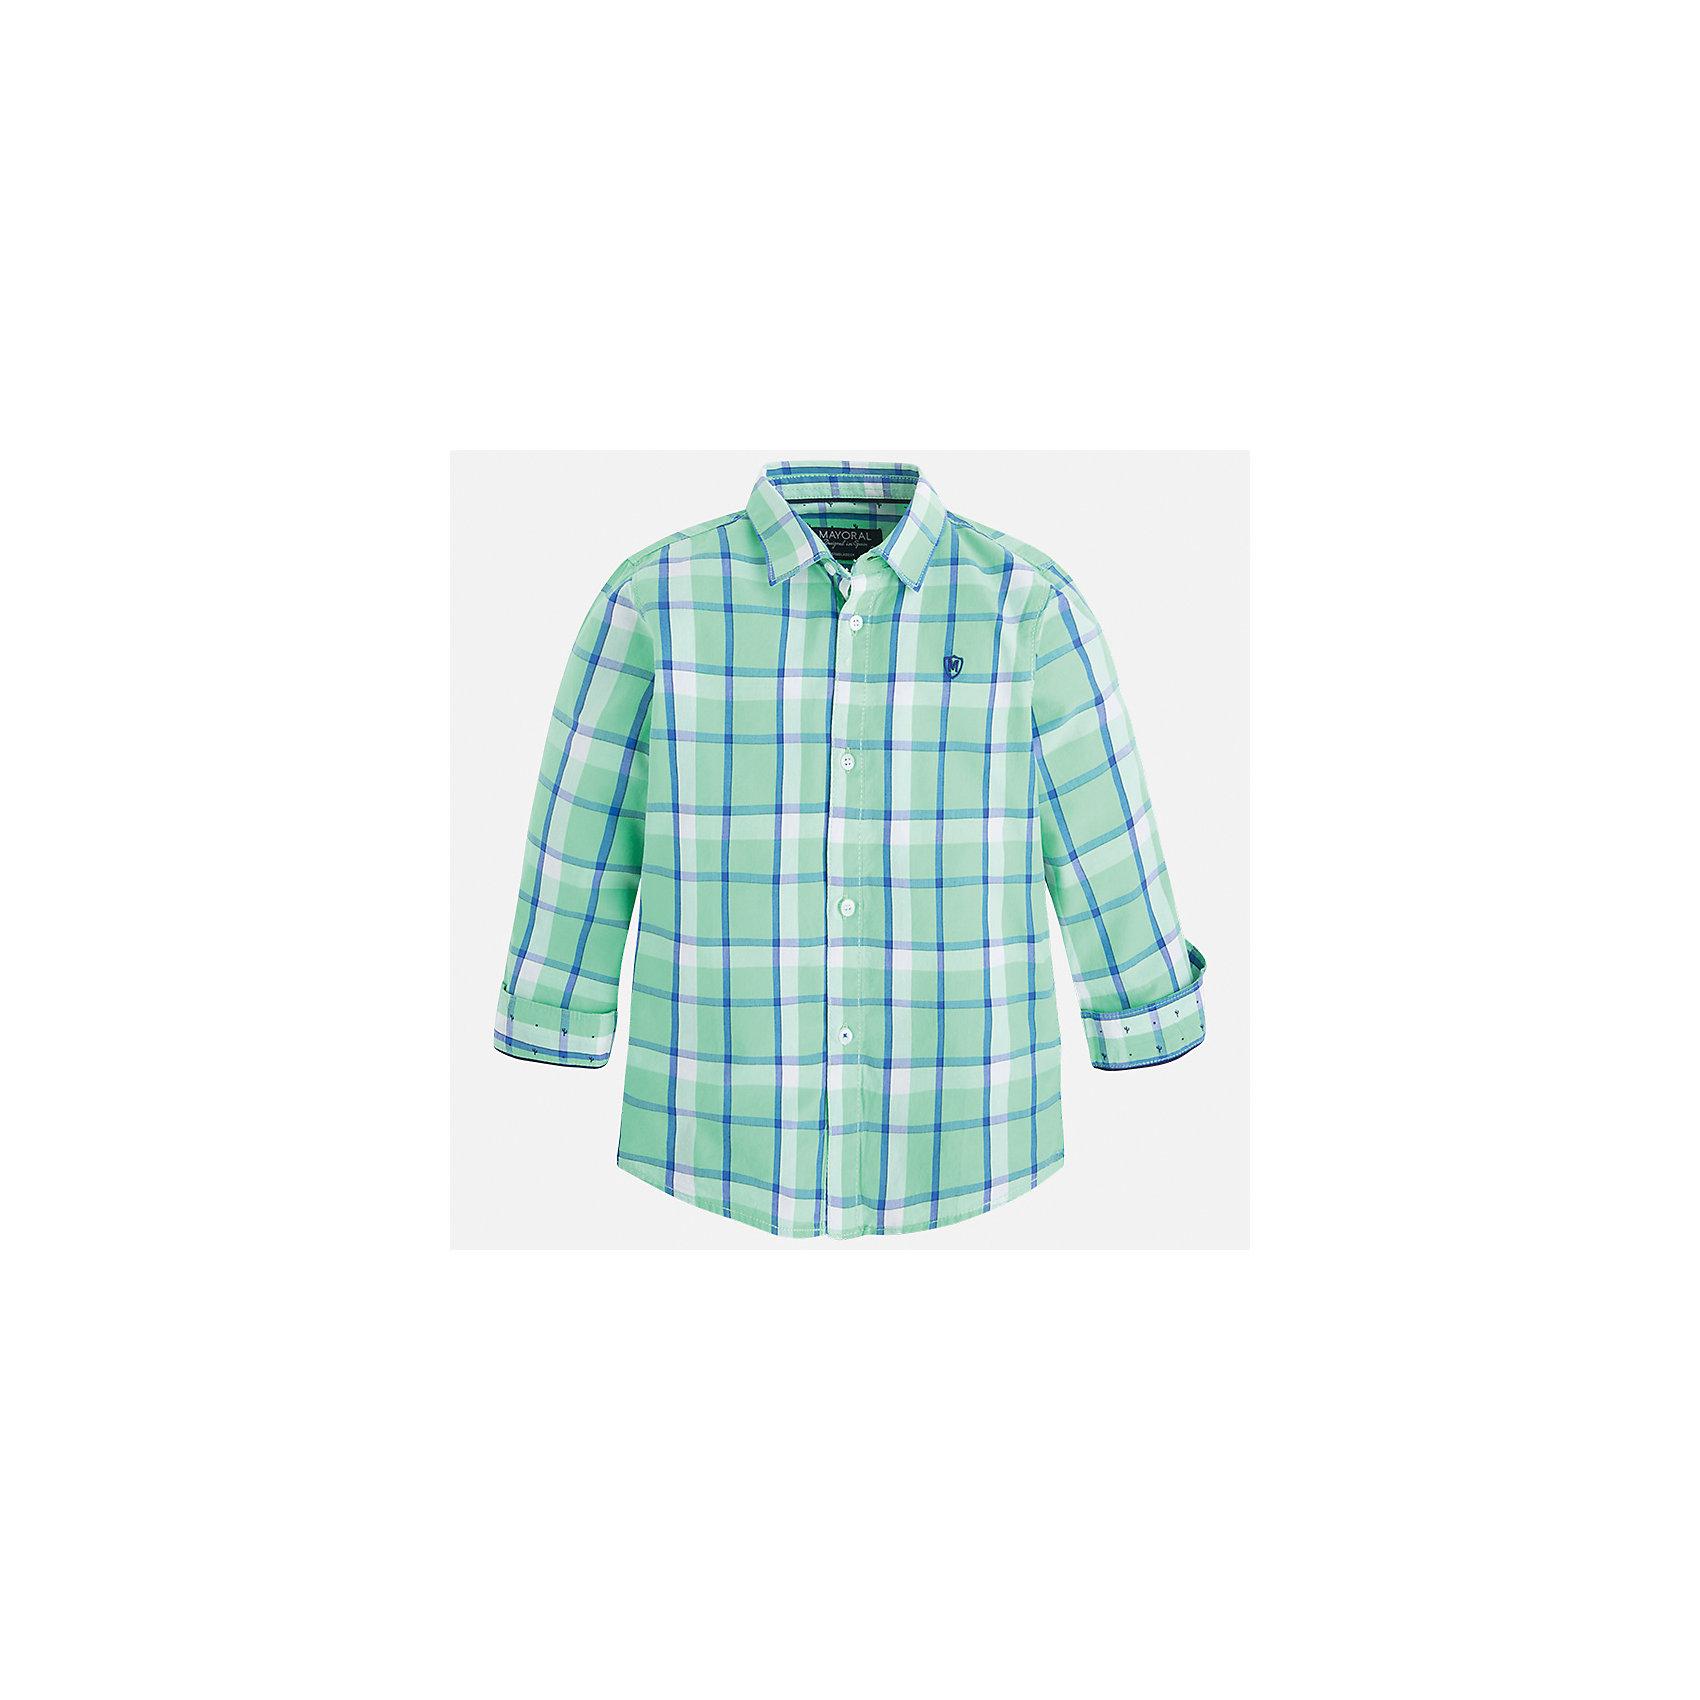 Рубашка для мальчика MayoralБлузки и рубашки<br>Характеристики товара:<br><br>• цвет: зеленый<br>• состав: 100% хлопок<br>• отложной воротник<br>• рукава с отворотами<br>• застежка: пуговицы<br>• вышивка на груди<br>• страна бренда: Испания<br><br>Удобная модная рубашка-поло для мальчика может стать базовой вещью в гардеробе ребенка. Она отлично сочетается с брюками, шортами, джинсами и т.д. Универсальный крой и цвет позволяет подобрать к вещи низ разных расцветок. Практичное и стильное изделие! В составе материала - только натуральный хлопок, гипоаллергенный, приятный на ощупь, дышащий.<br><br>Одежда, обувь и аксессуары от испанского бренда Mayoral полюбились детям и взрослым по всему миру. Модели этой марки - стильные и удобные. Для их производства используются только безопасные, качественные материалы и фурнитура. Порадуйте ребенка модными и красивыми вещами от Mayoral! <br><br>Рубашку-поло для мальчика от испанского бренда Mayoral (Майорал) можно купить в нашем интернет-магазине.<br><br>Ширина мм: 174<br>Глубина мм: 10<br>Высота мм: 169<br>Вес г: 157<br>Цвет: зеленый<br>Возраст от месяцев: 36<br>Возраст до месяцев: 48<br>Пол: Мужской<br>Возраст: Детский<br>Размер: 104,110,92,116,134,98,128,122<br>SKU: 5272432